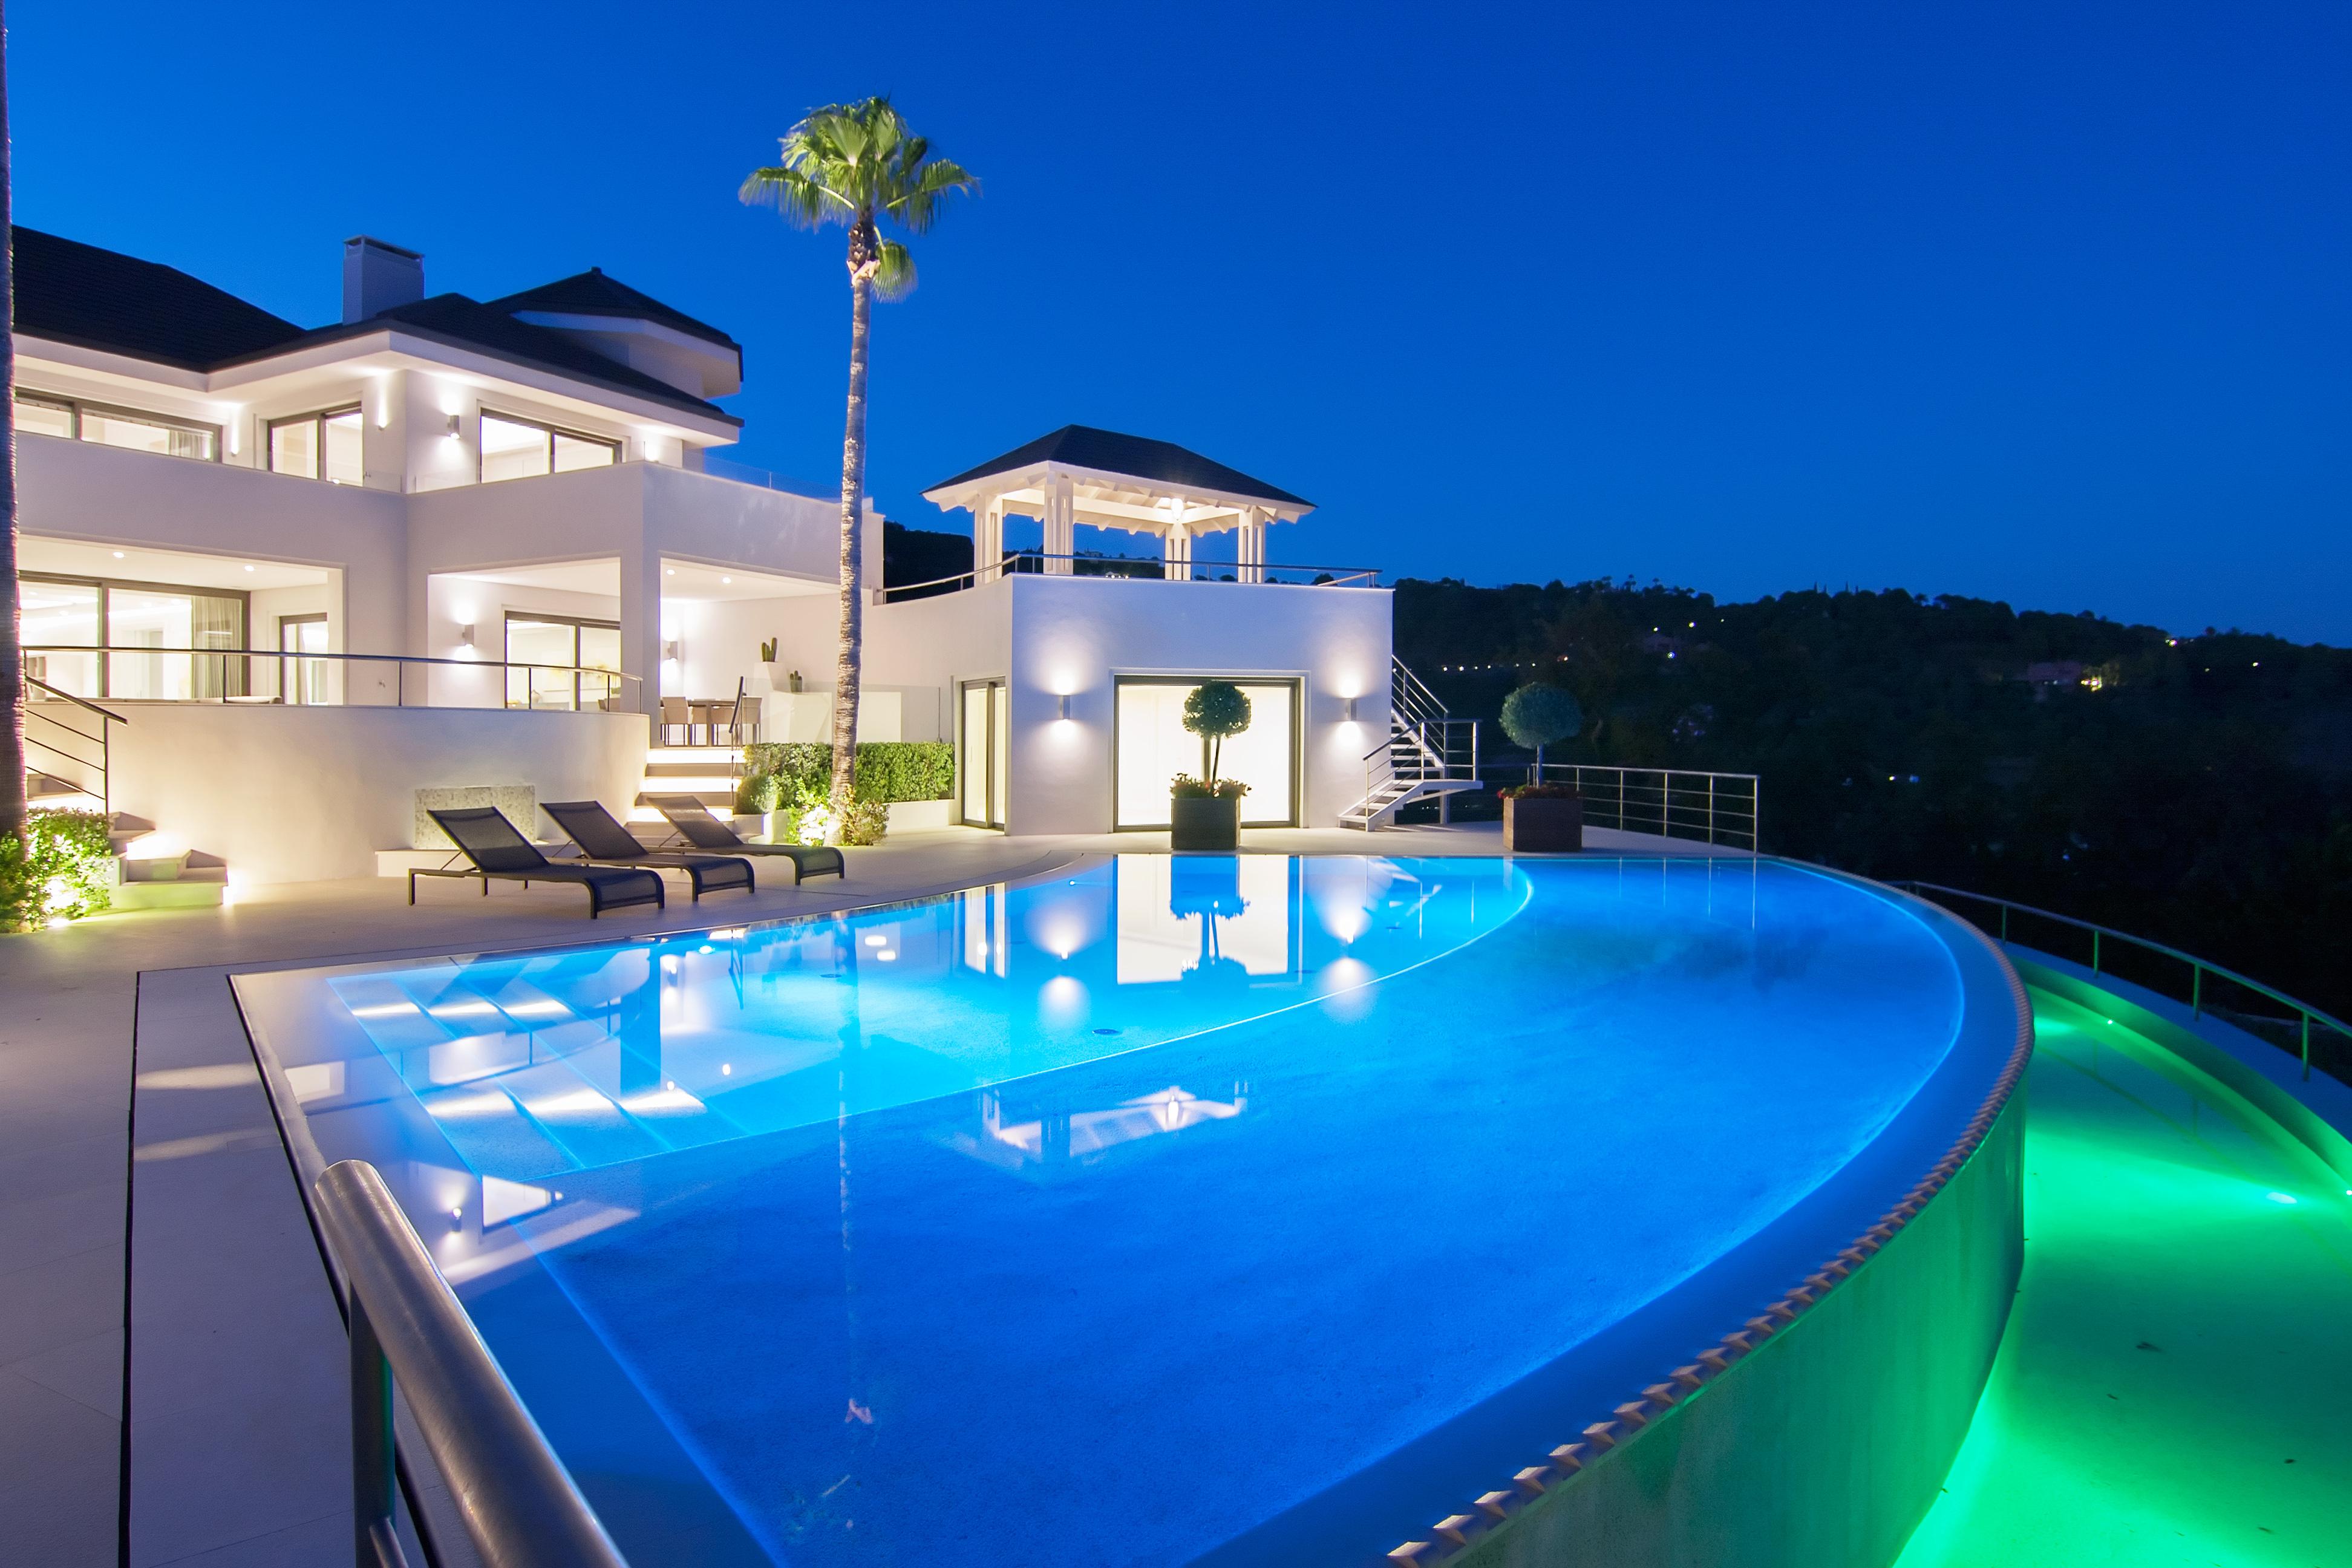 Marbella a besoin de nouveaux espaces de vie